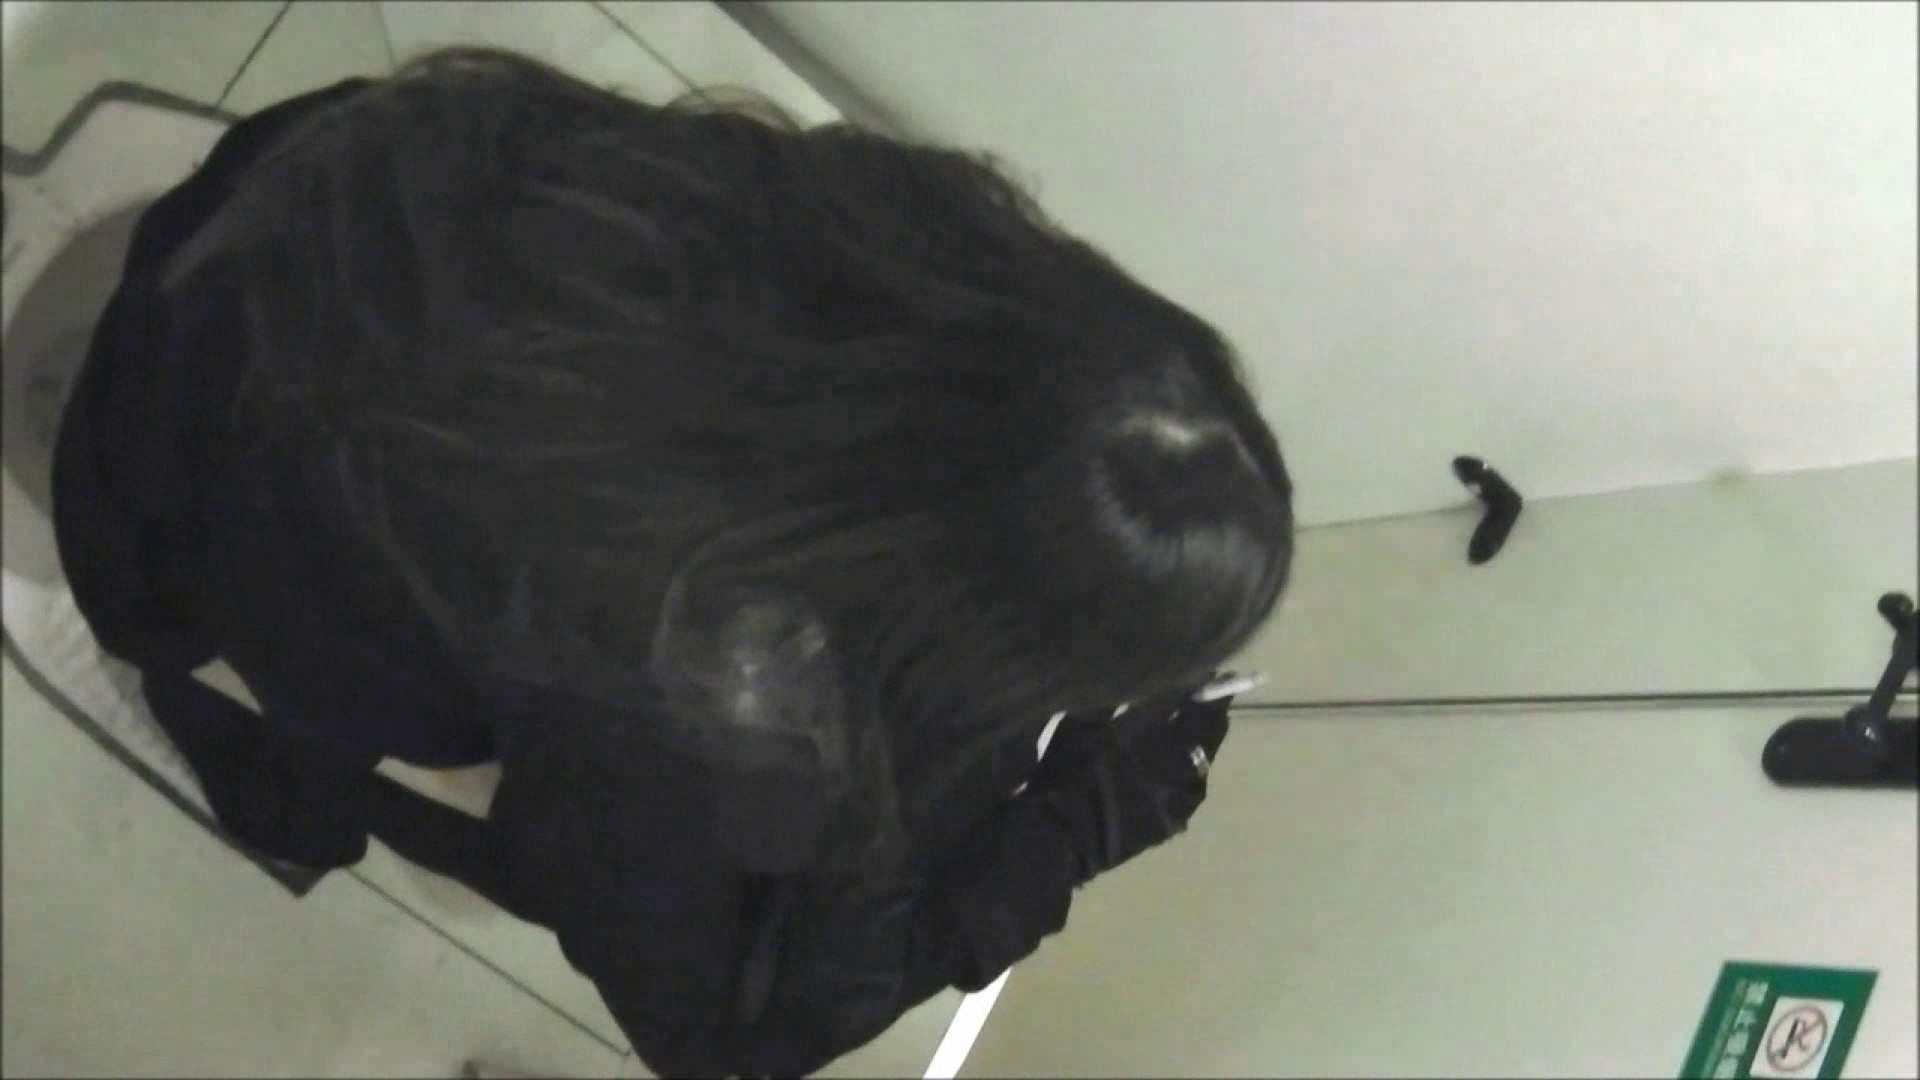 洗面所盗撮~隣の美人お姉さんVol.17 洗面所はめどり オマンコ動画キャプチャ 94画像 93